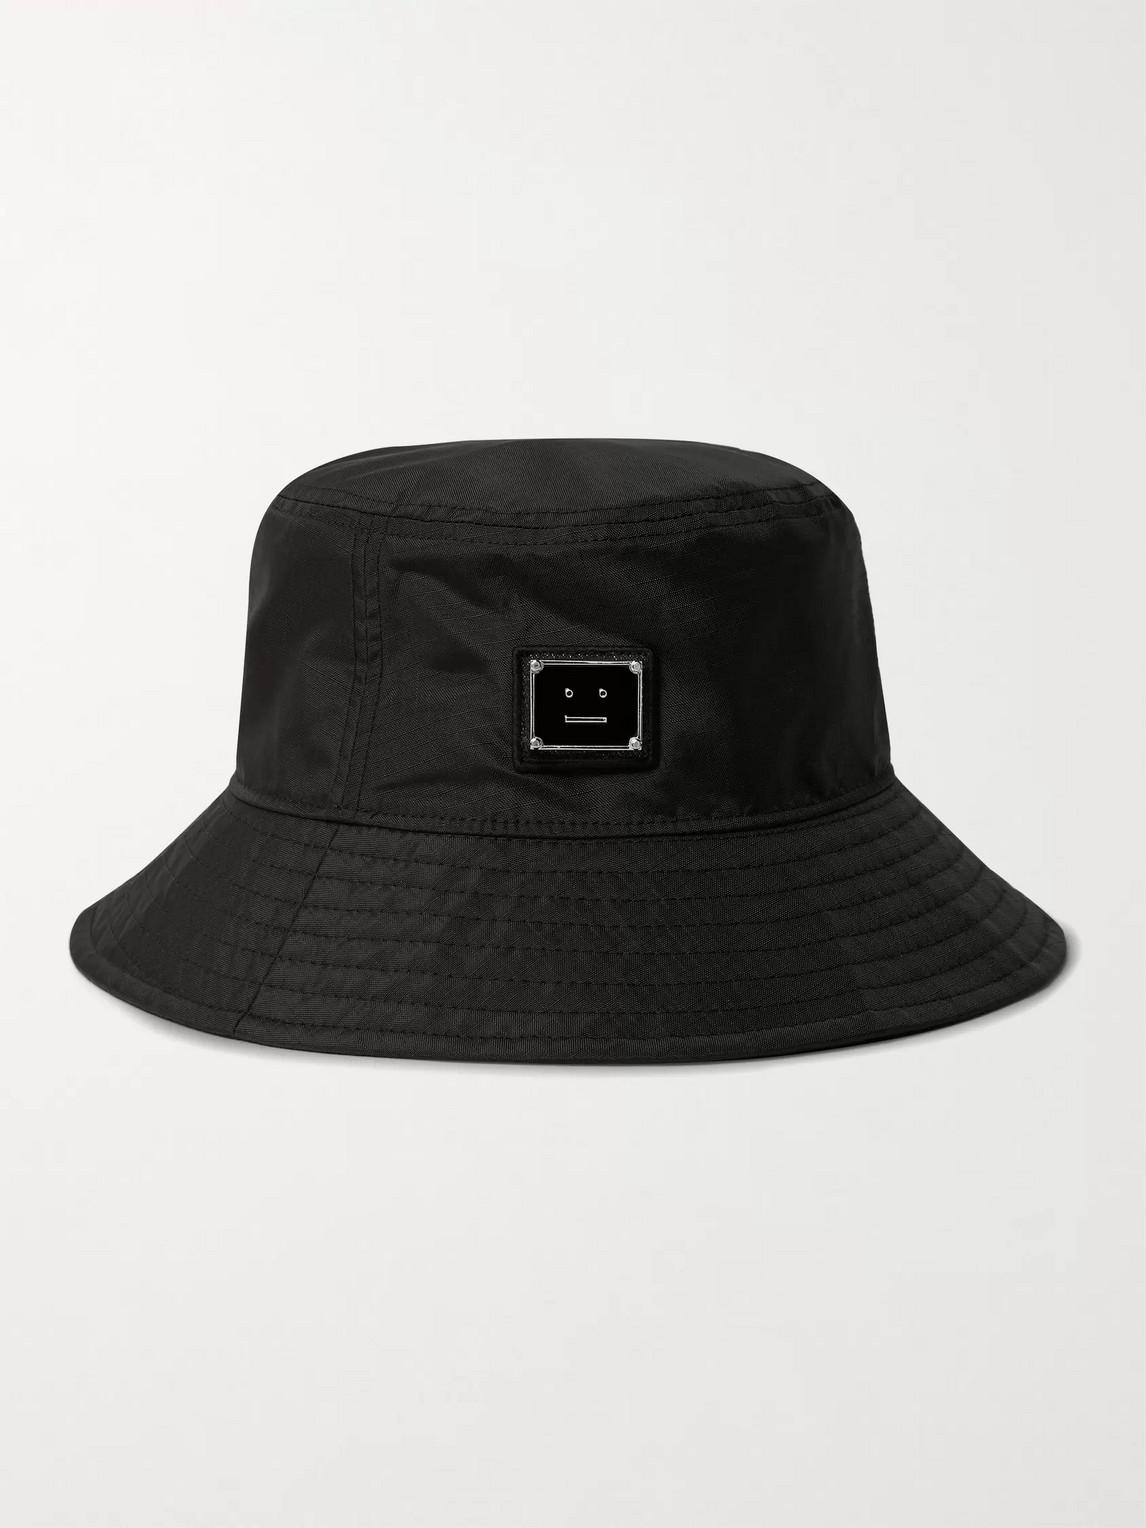 Acne Studios LOGO-APPLIQUÉD RIPSTOP BUCKET HAT